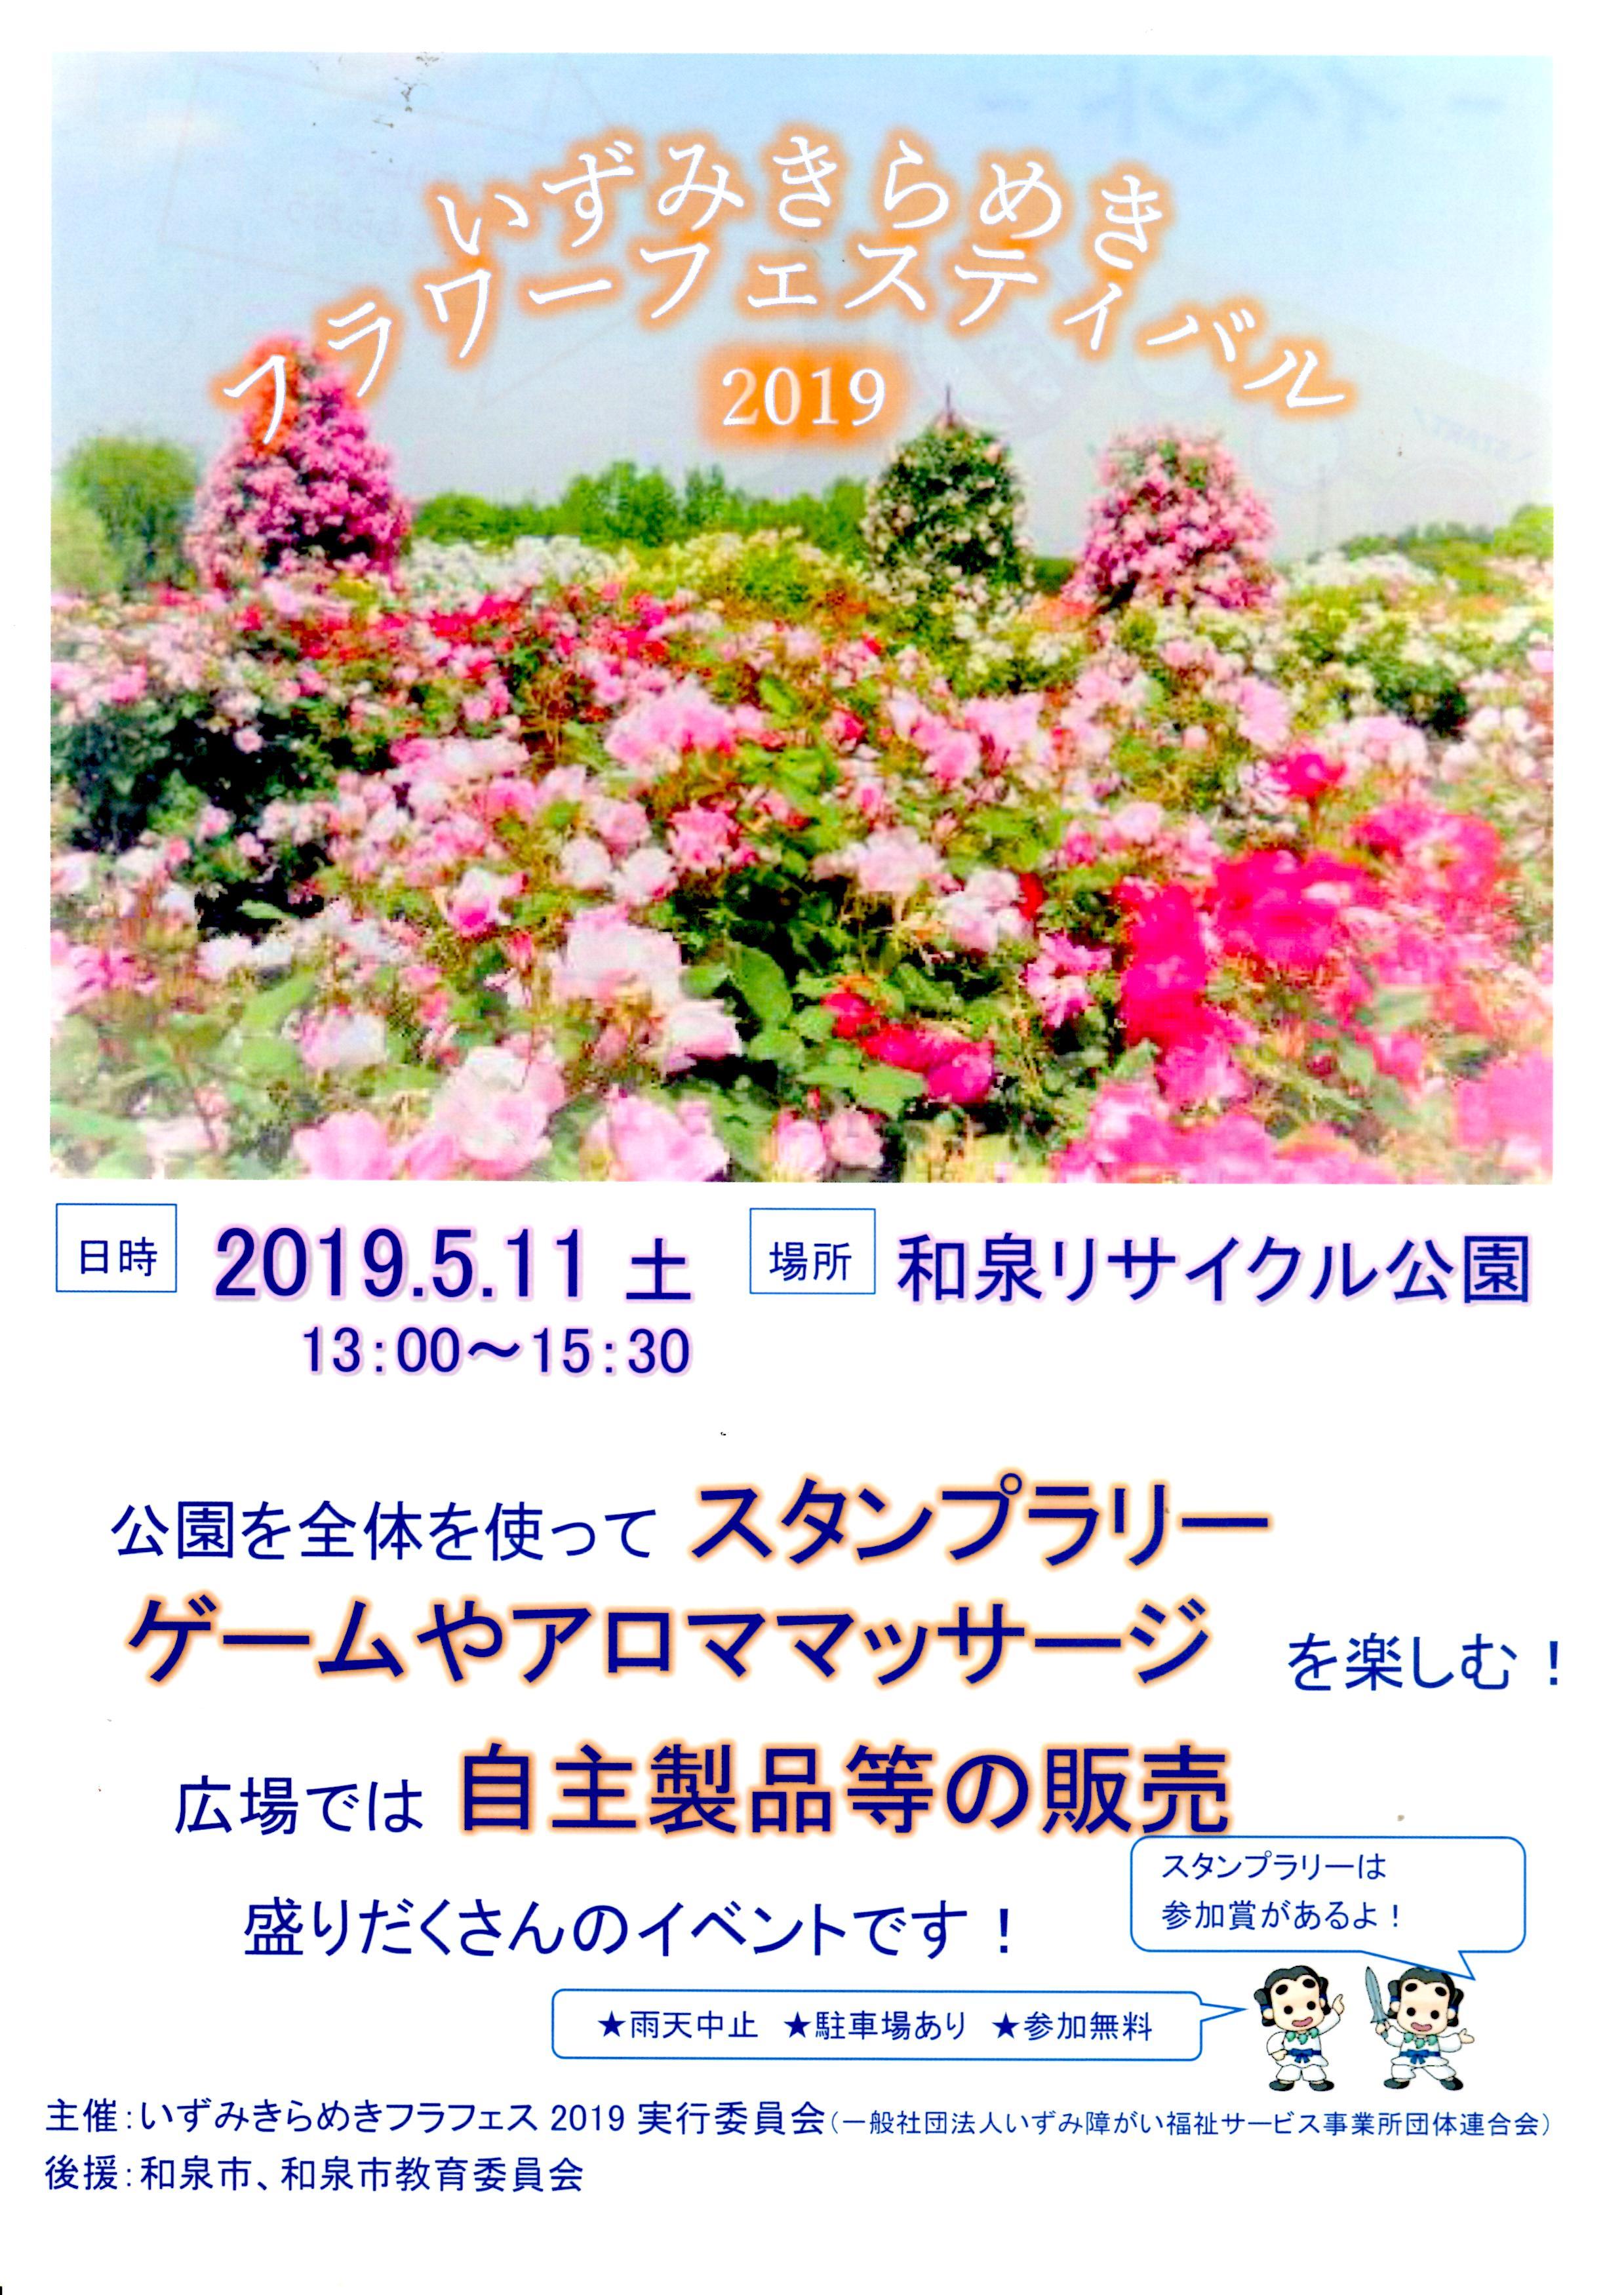 【終了】2019年5月11日(土)いずみきらめきフラワーフェスティバル2019